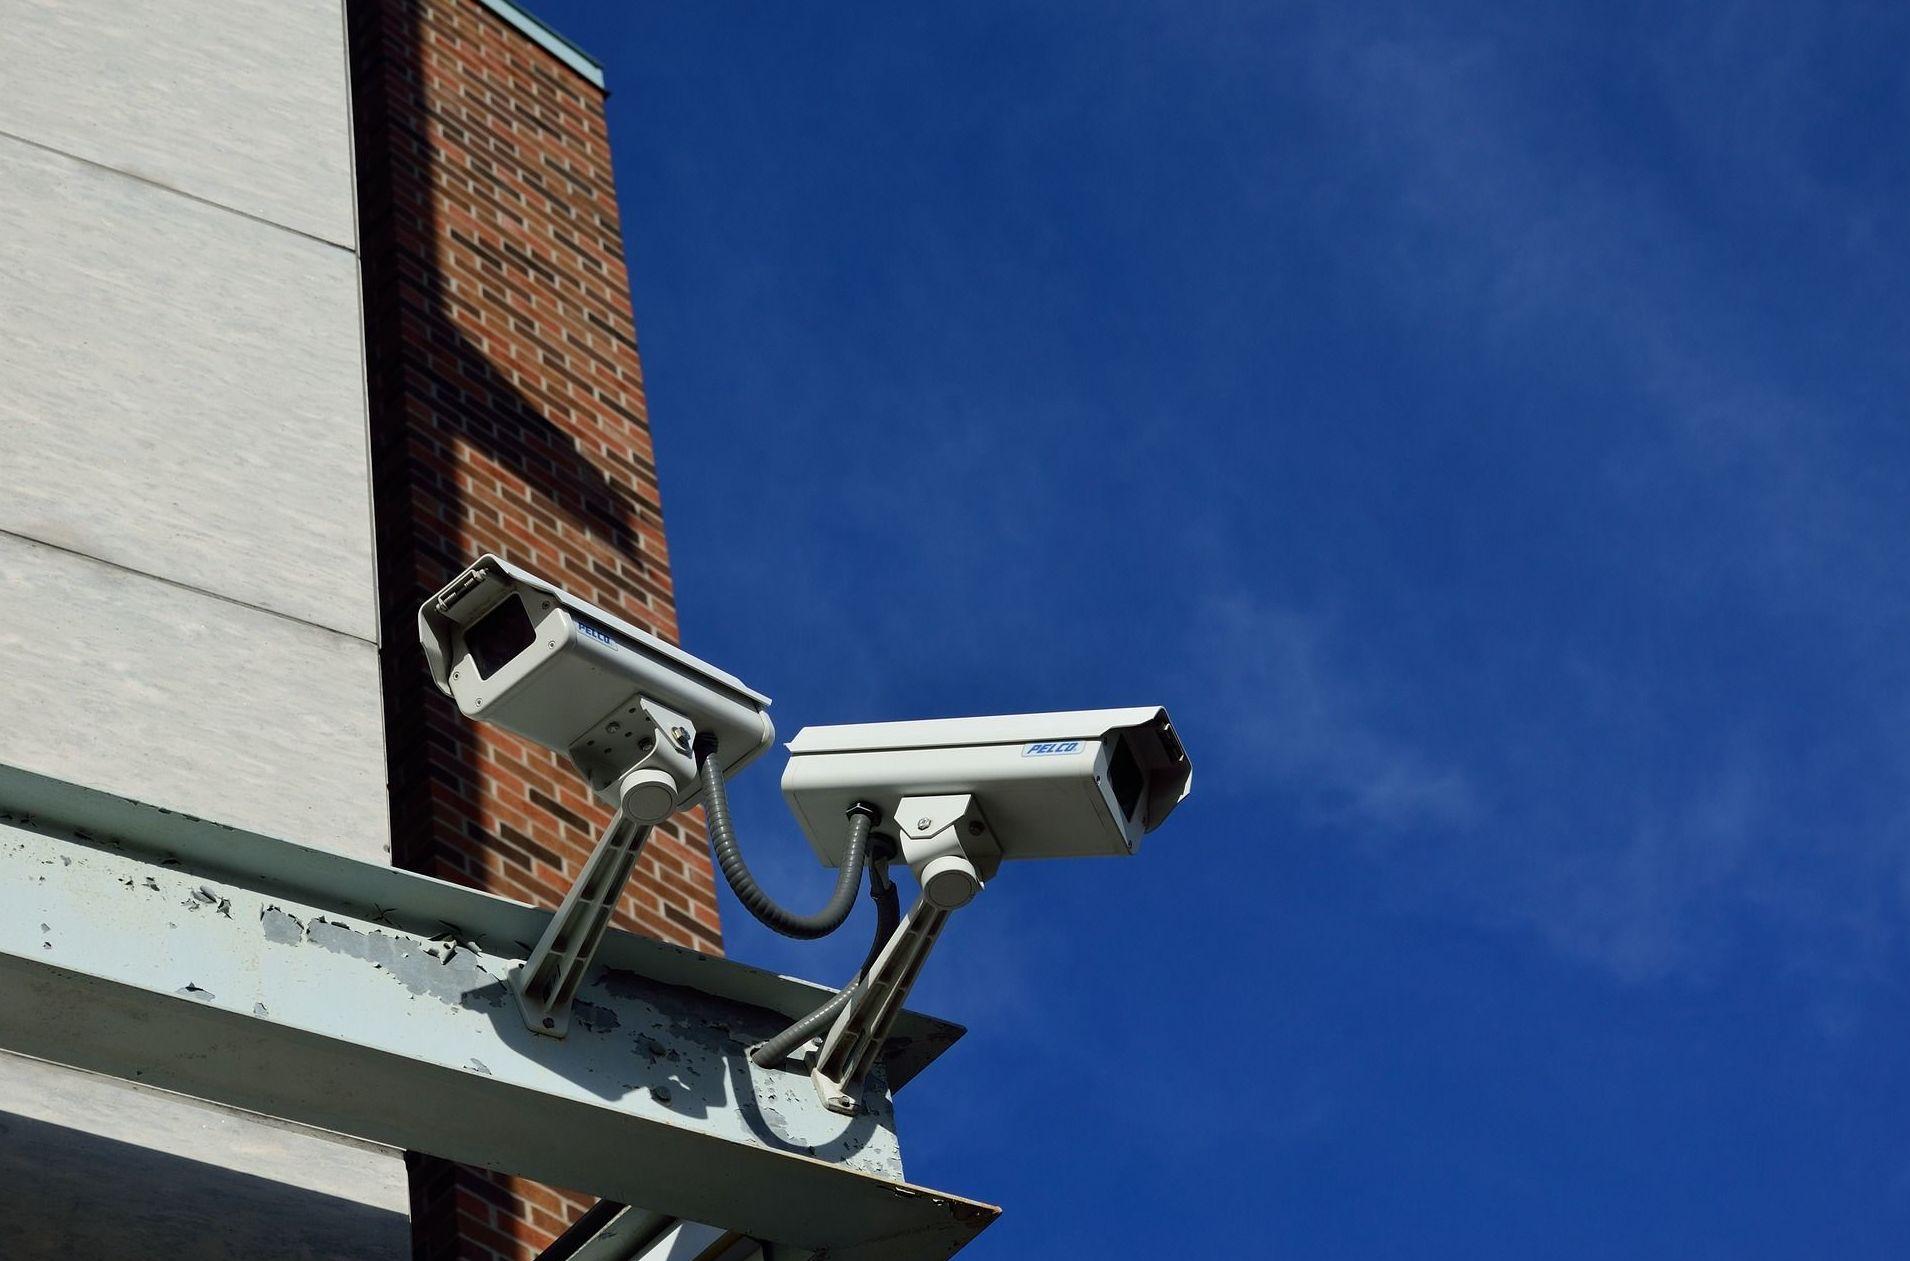 Sistemas de vigilancia mediante circuitos cerrados de televisión